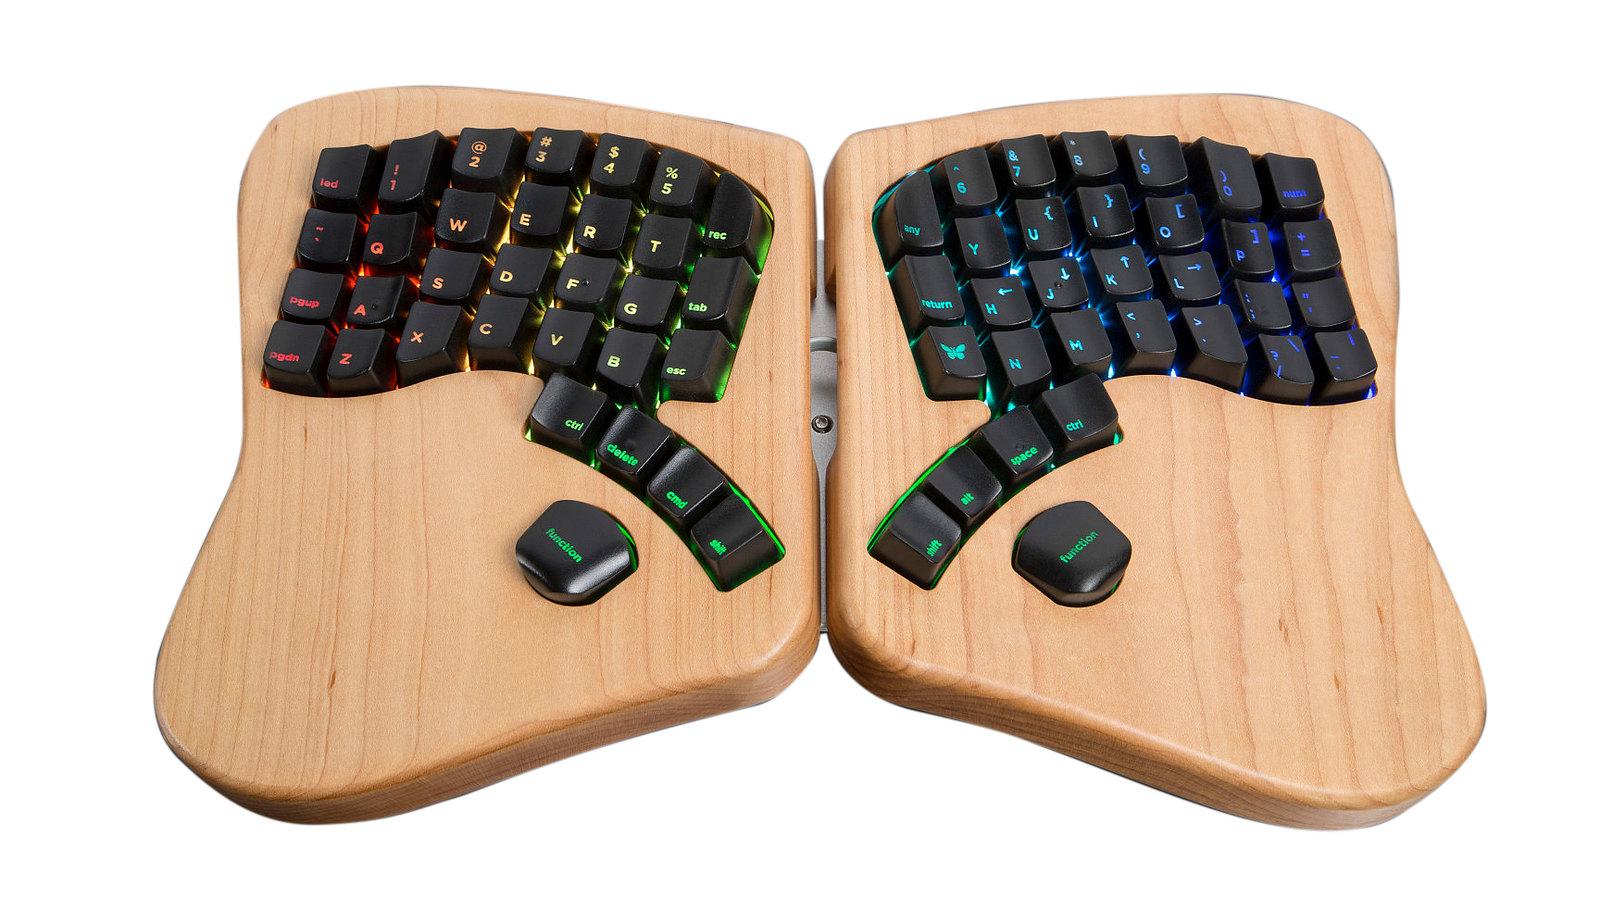 Keyboardio, a fancy split keyboard with an isometric layout